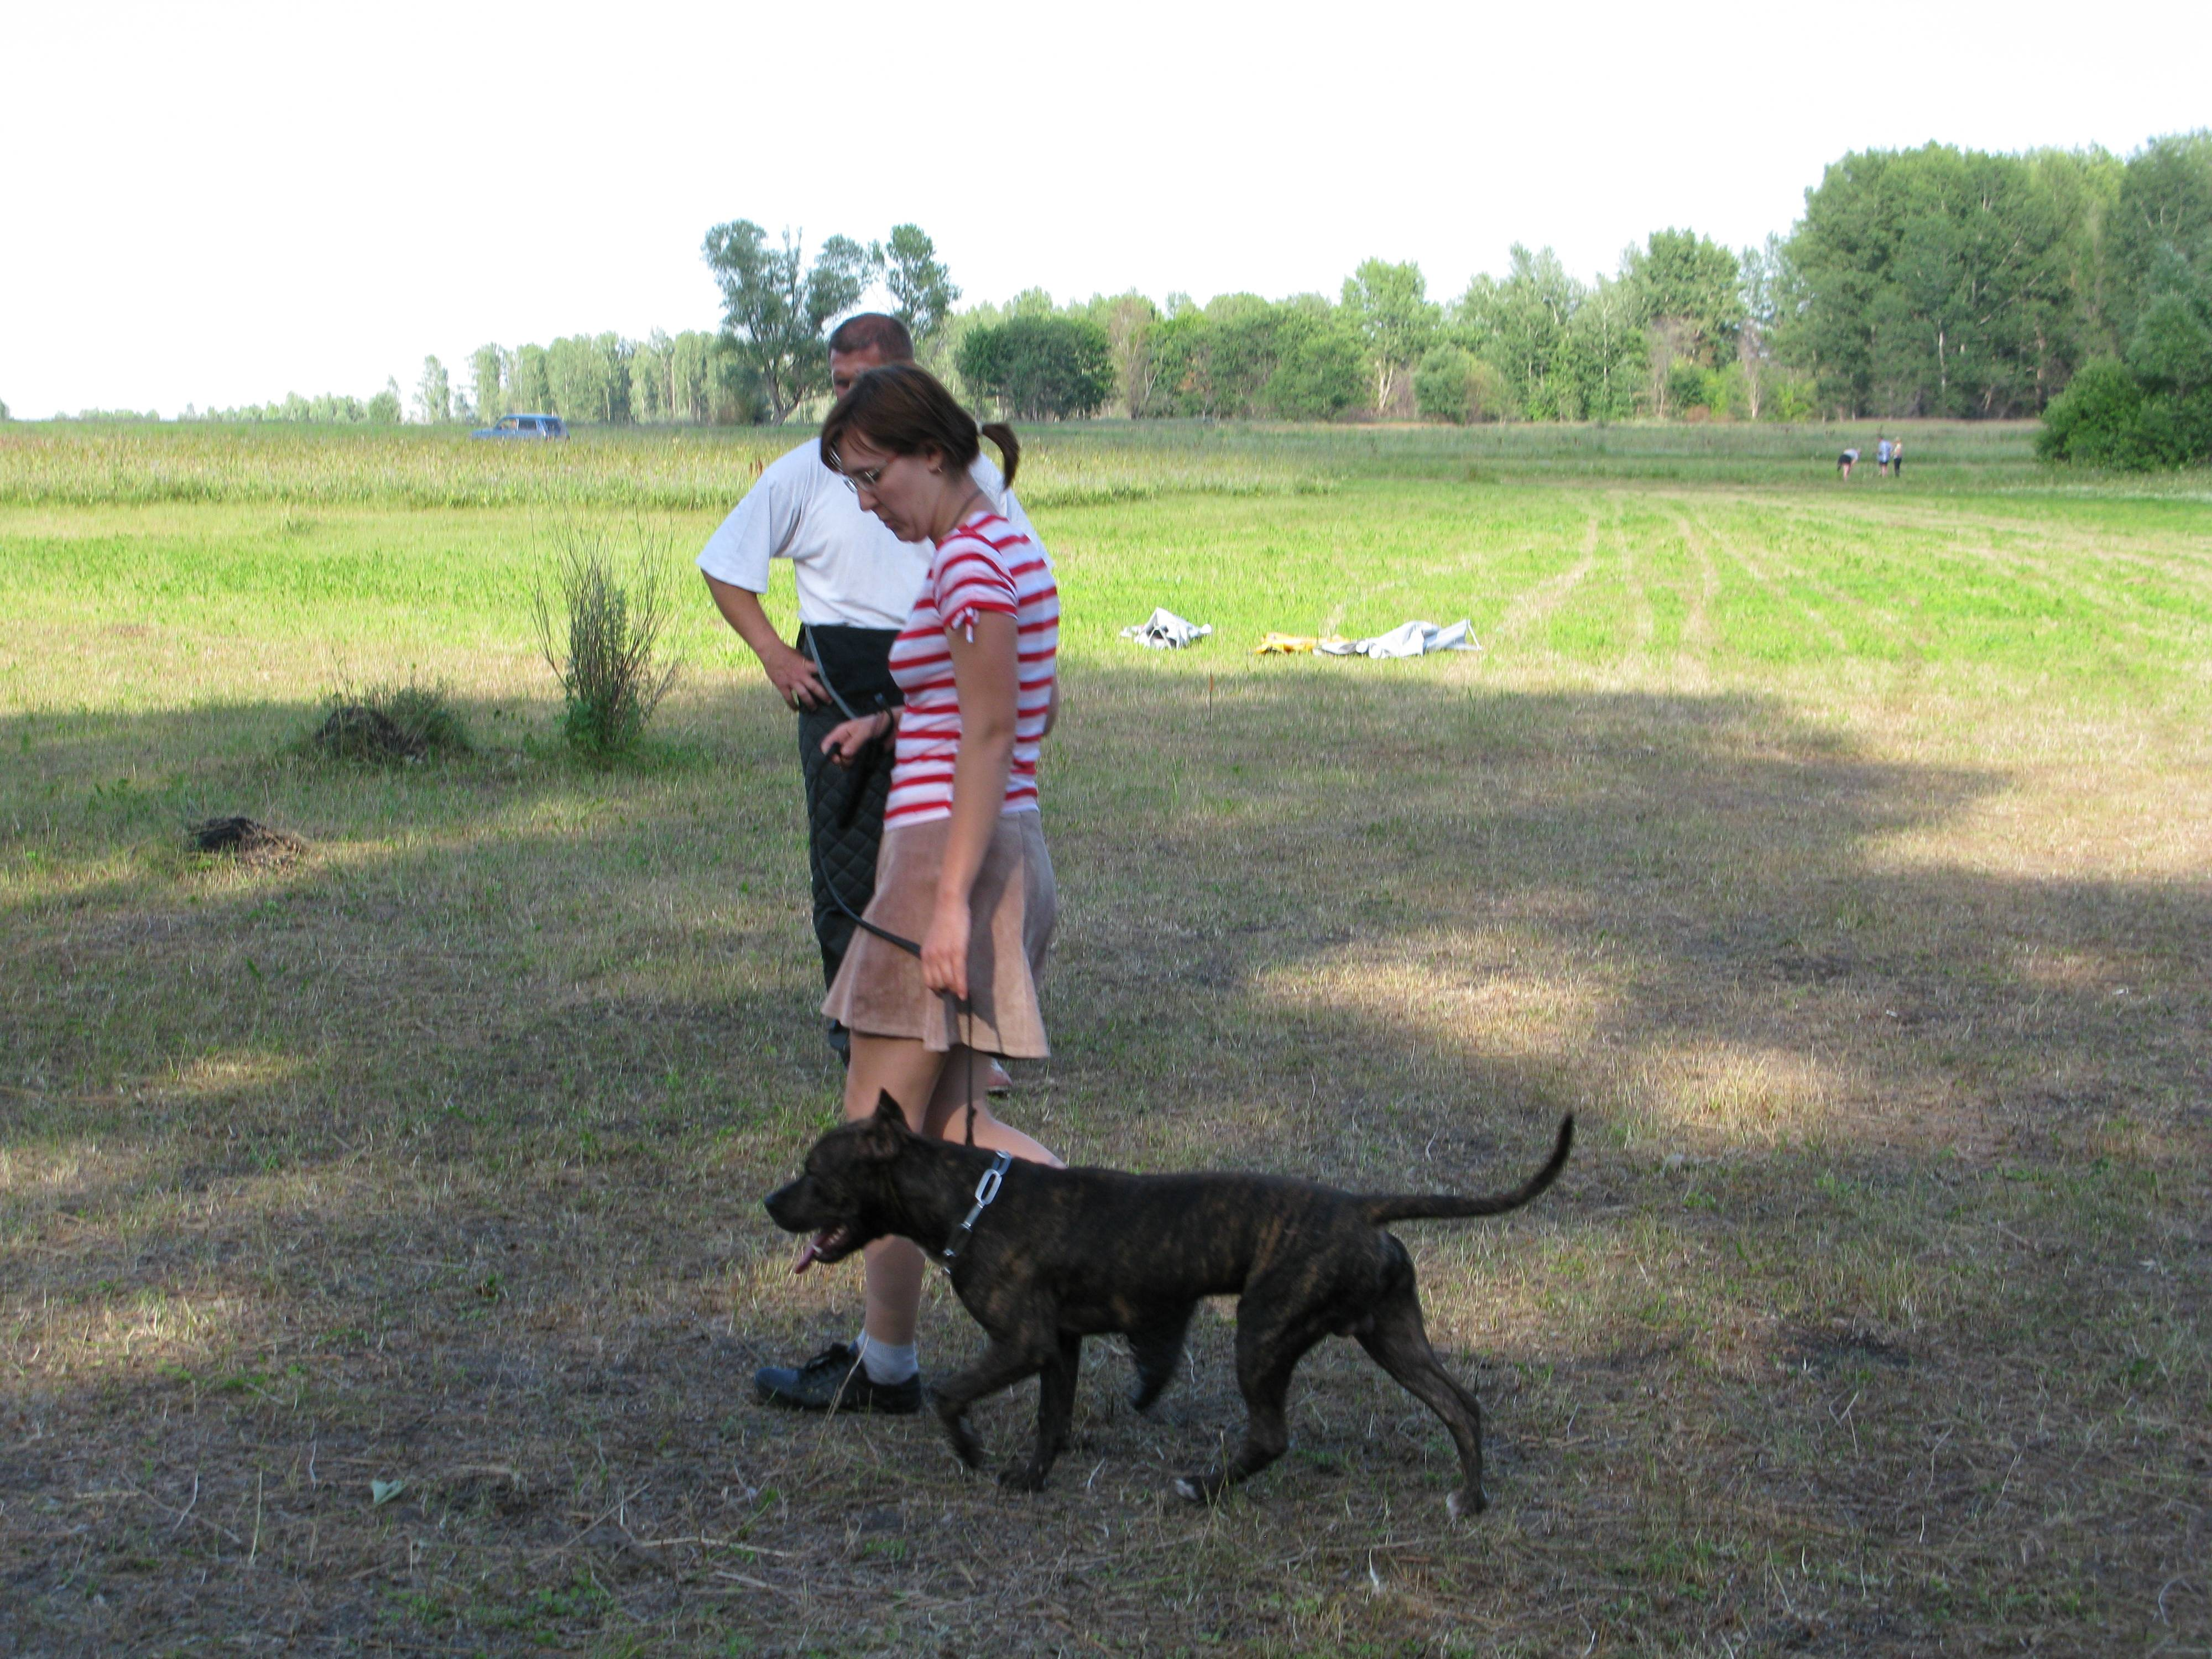 Питбуль (американский питбультерьер): все об этой породе собак от а до я